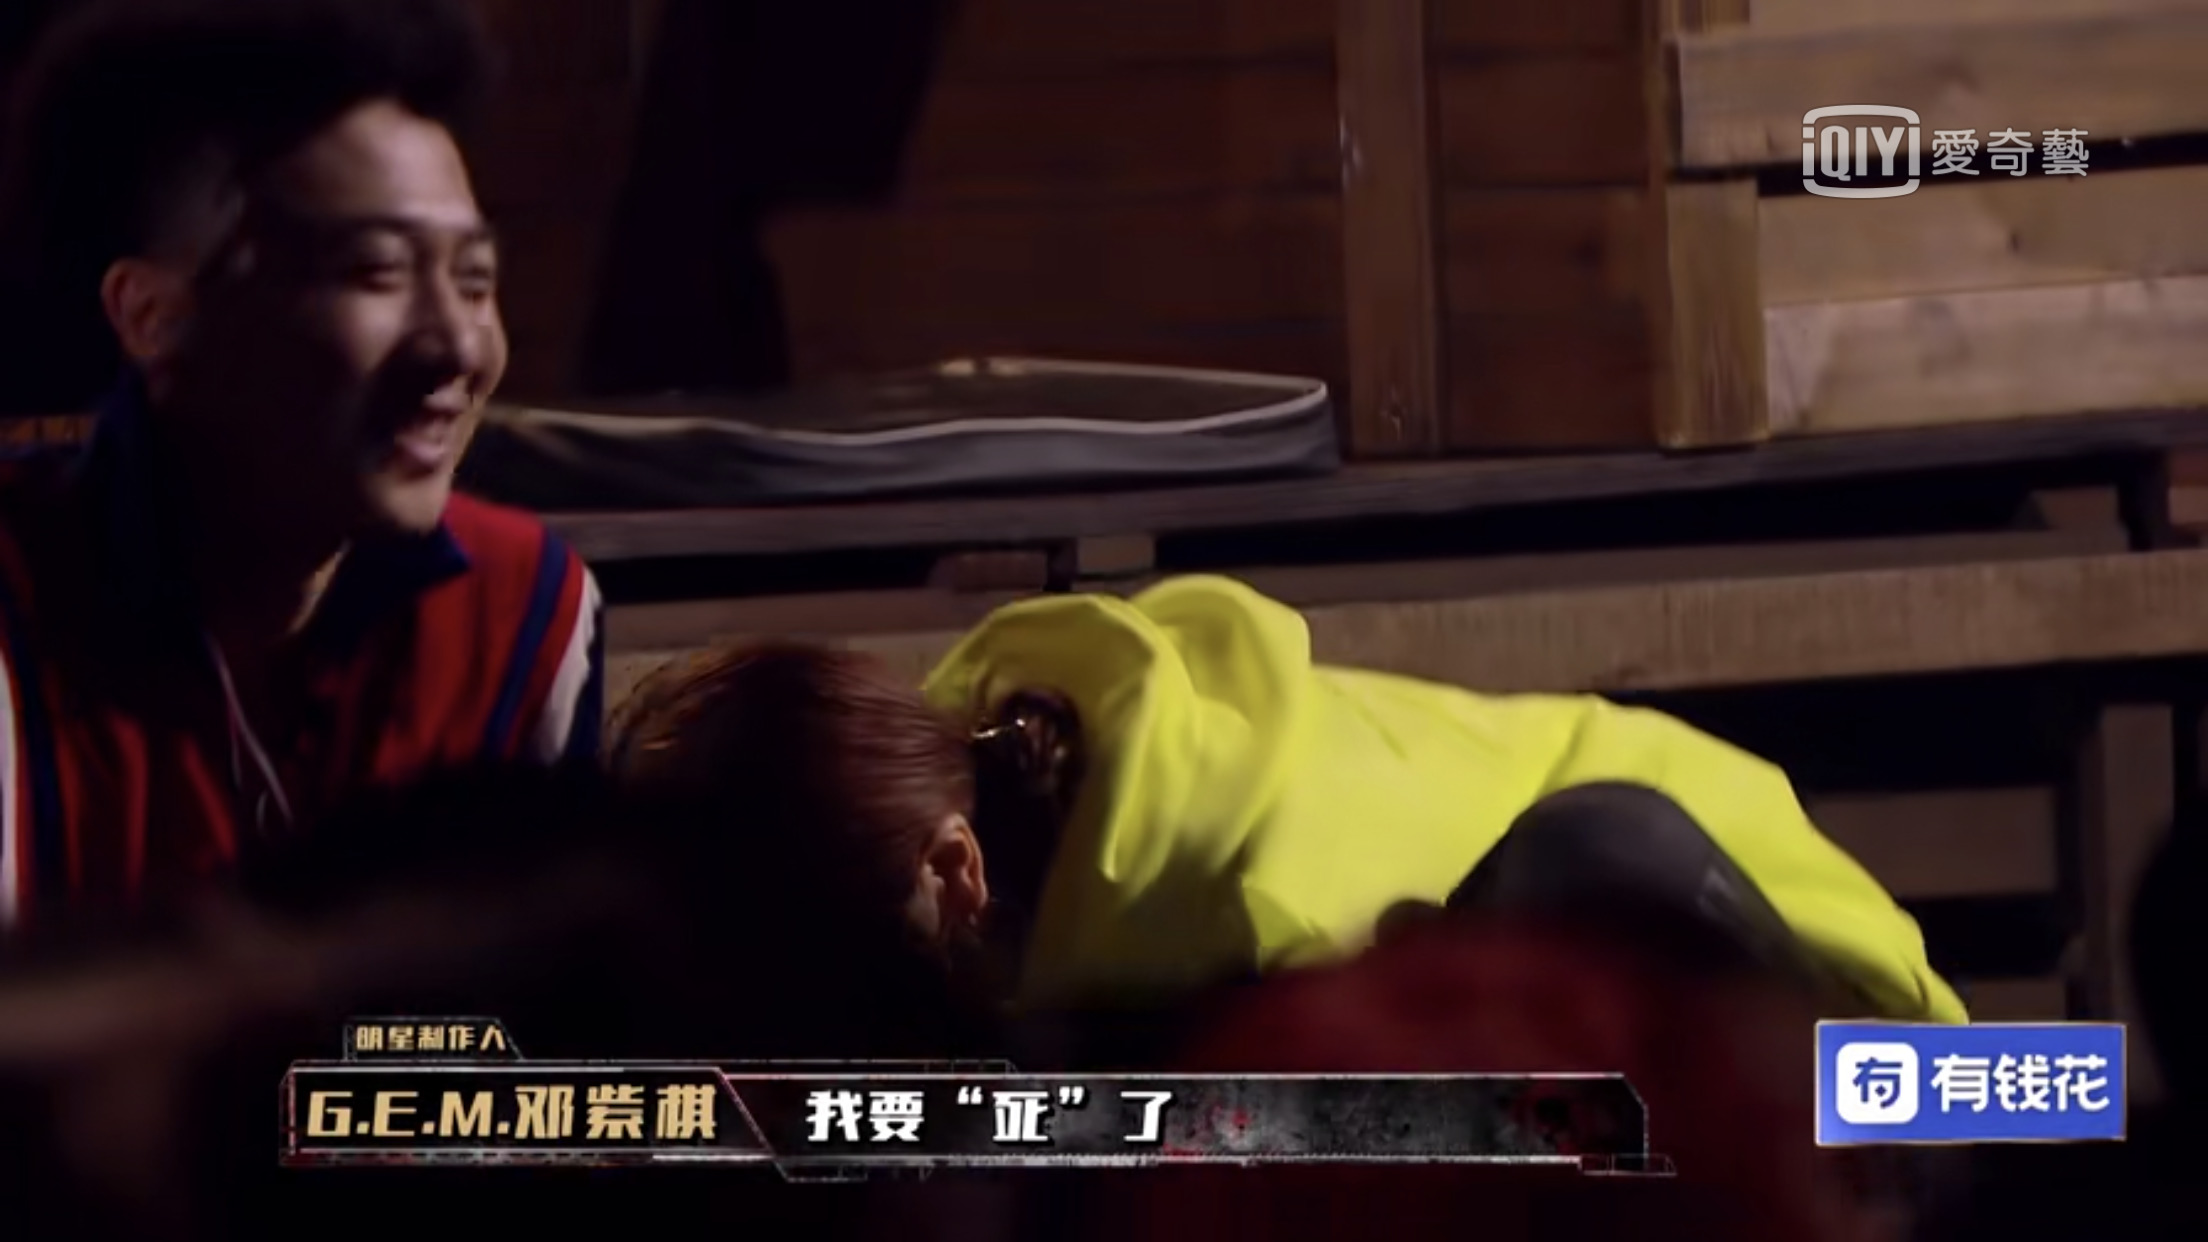 《新说唱2》兄弟内斗!「结局大逆转」导师全傻眼 邓紫棋「含泪跪地」!插图7